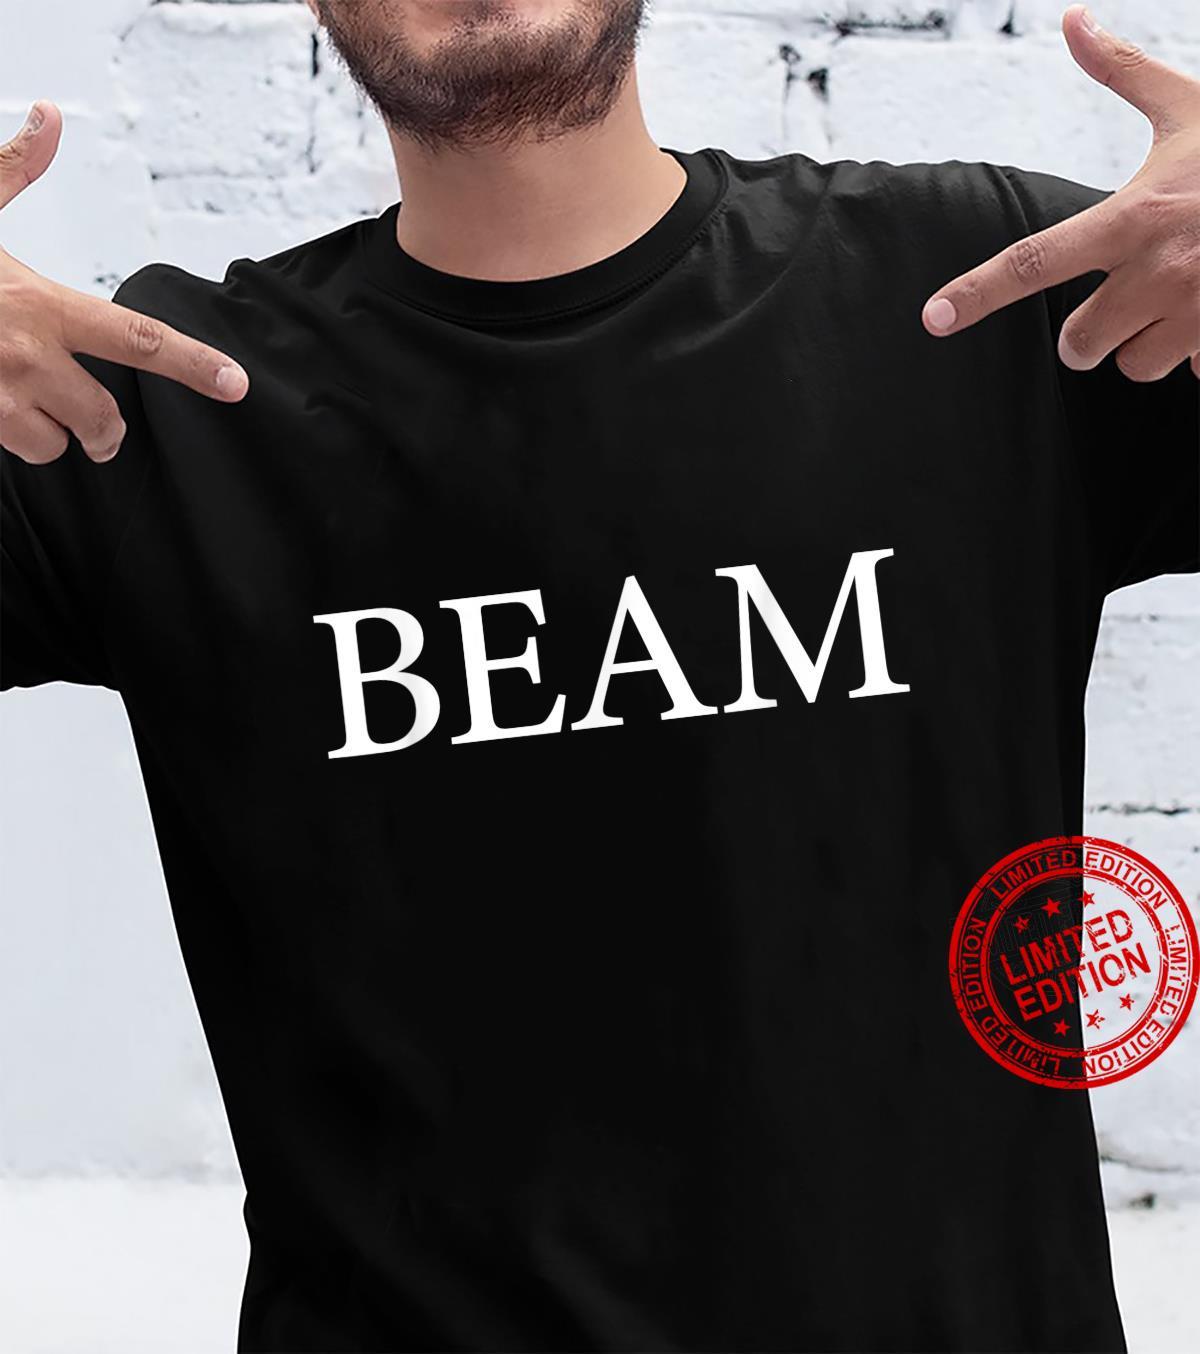 Beam Name Family Vintage Retro Shirt